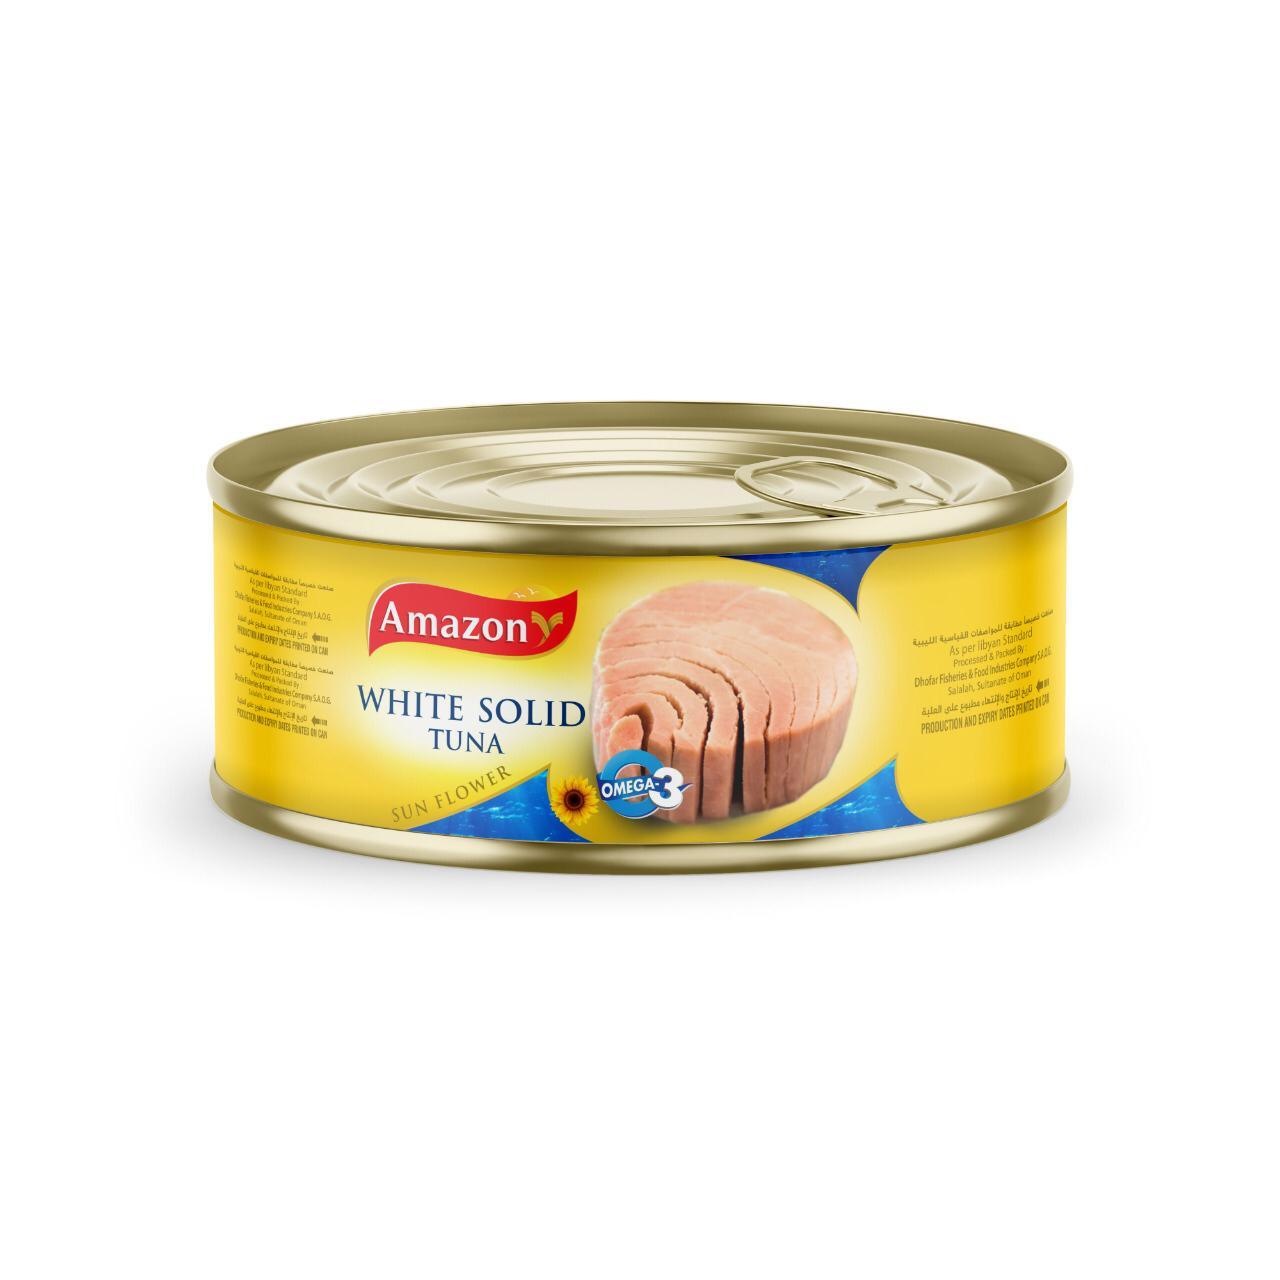 Amazon tuna sunflower oil